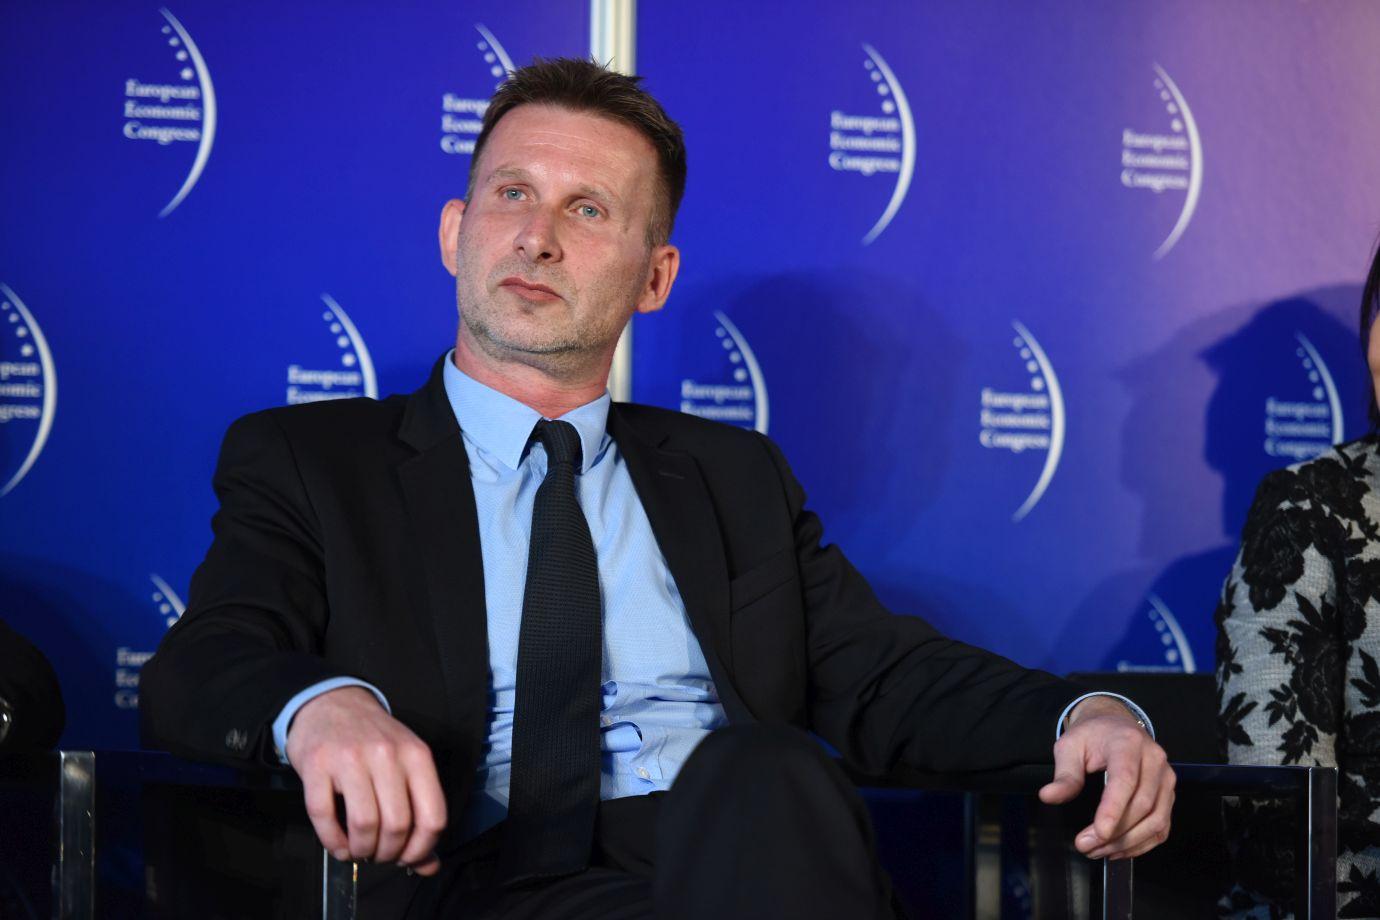 Wiceprzewodniczący rady nadzorczej Work Service Tomasz Hanczarek (Fot.: PTWP)